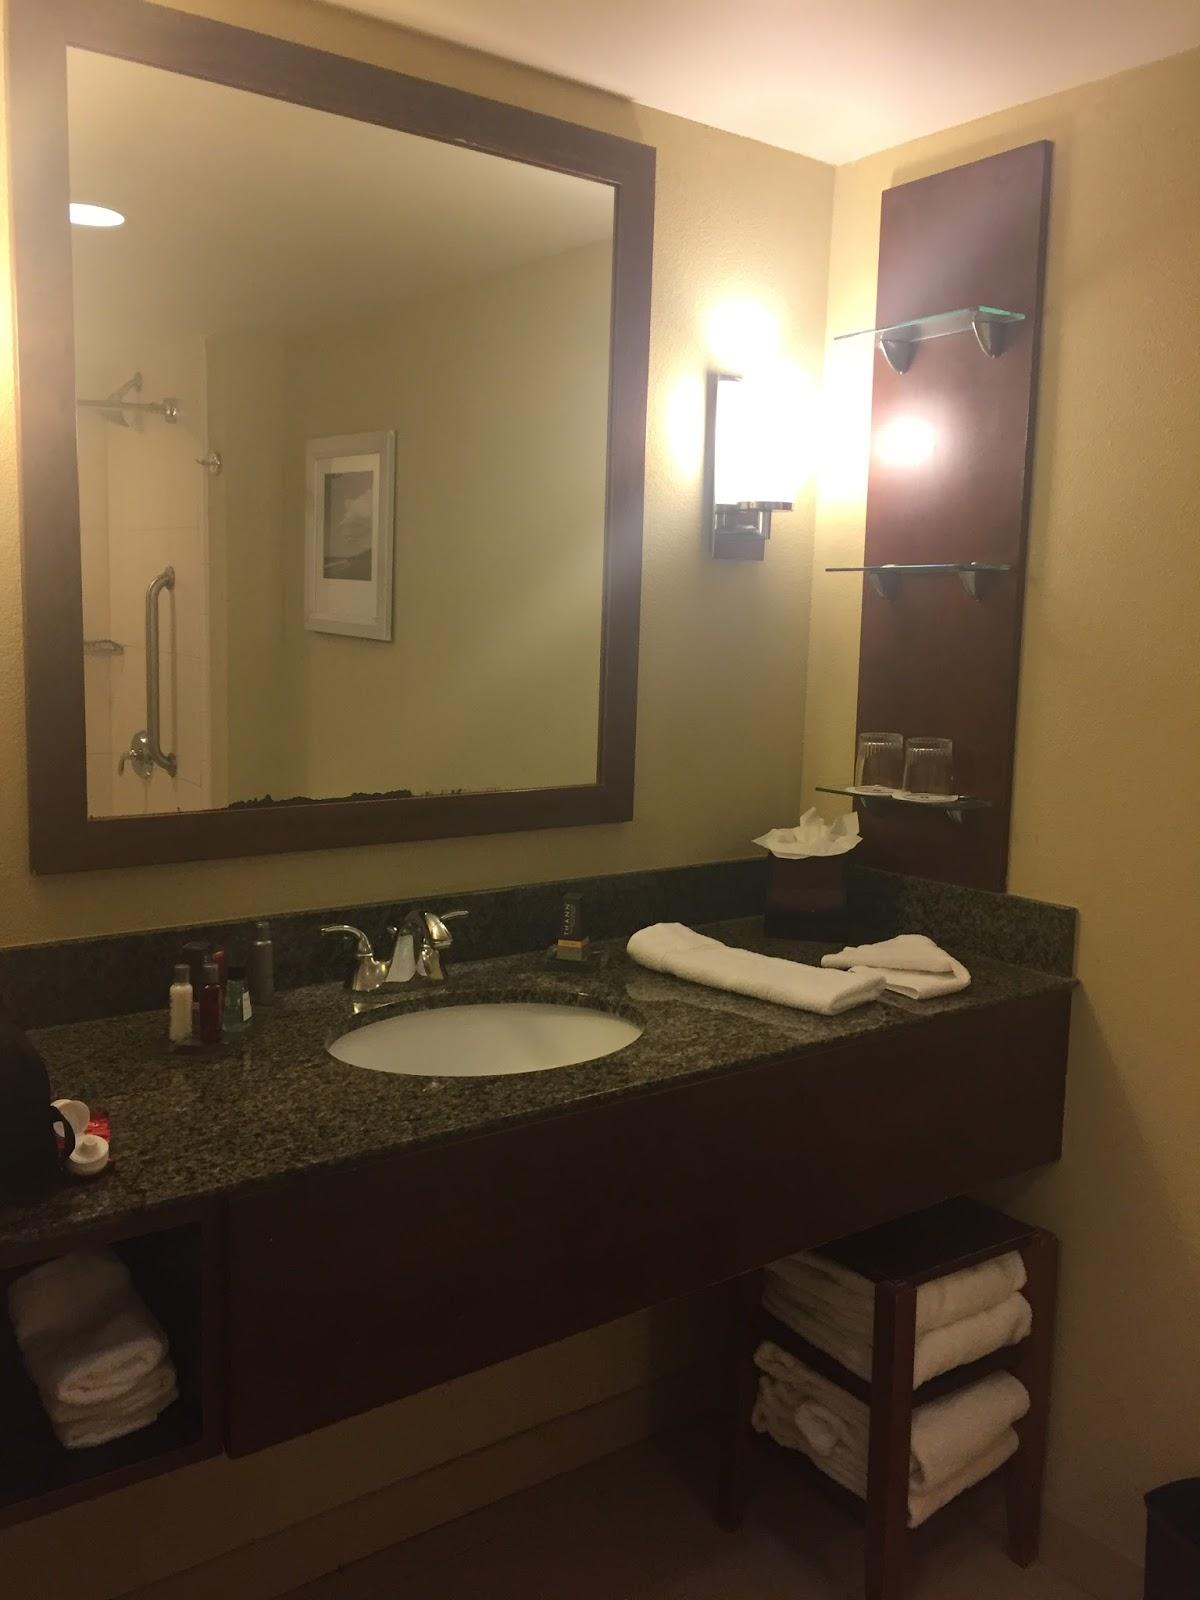 Spa Hotels Between Amarillo And Tulsa